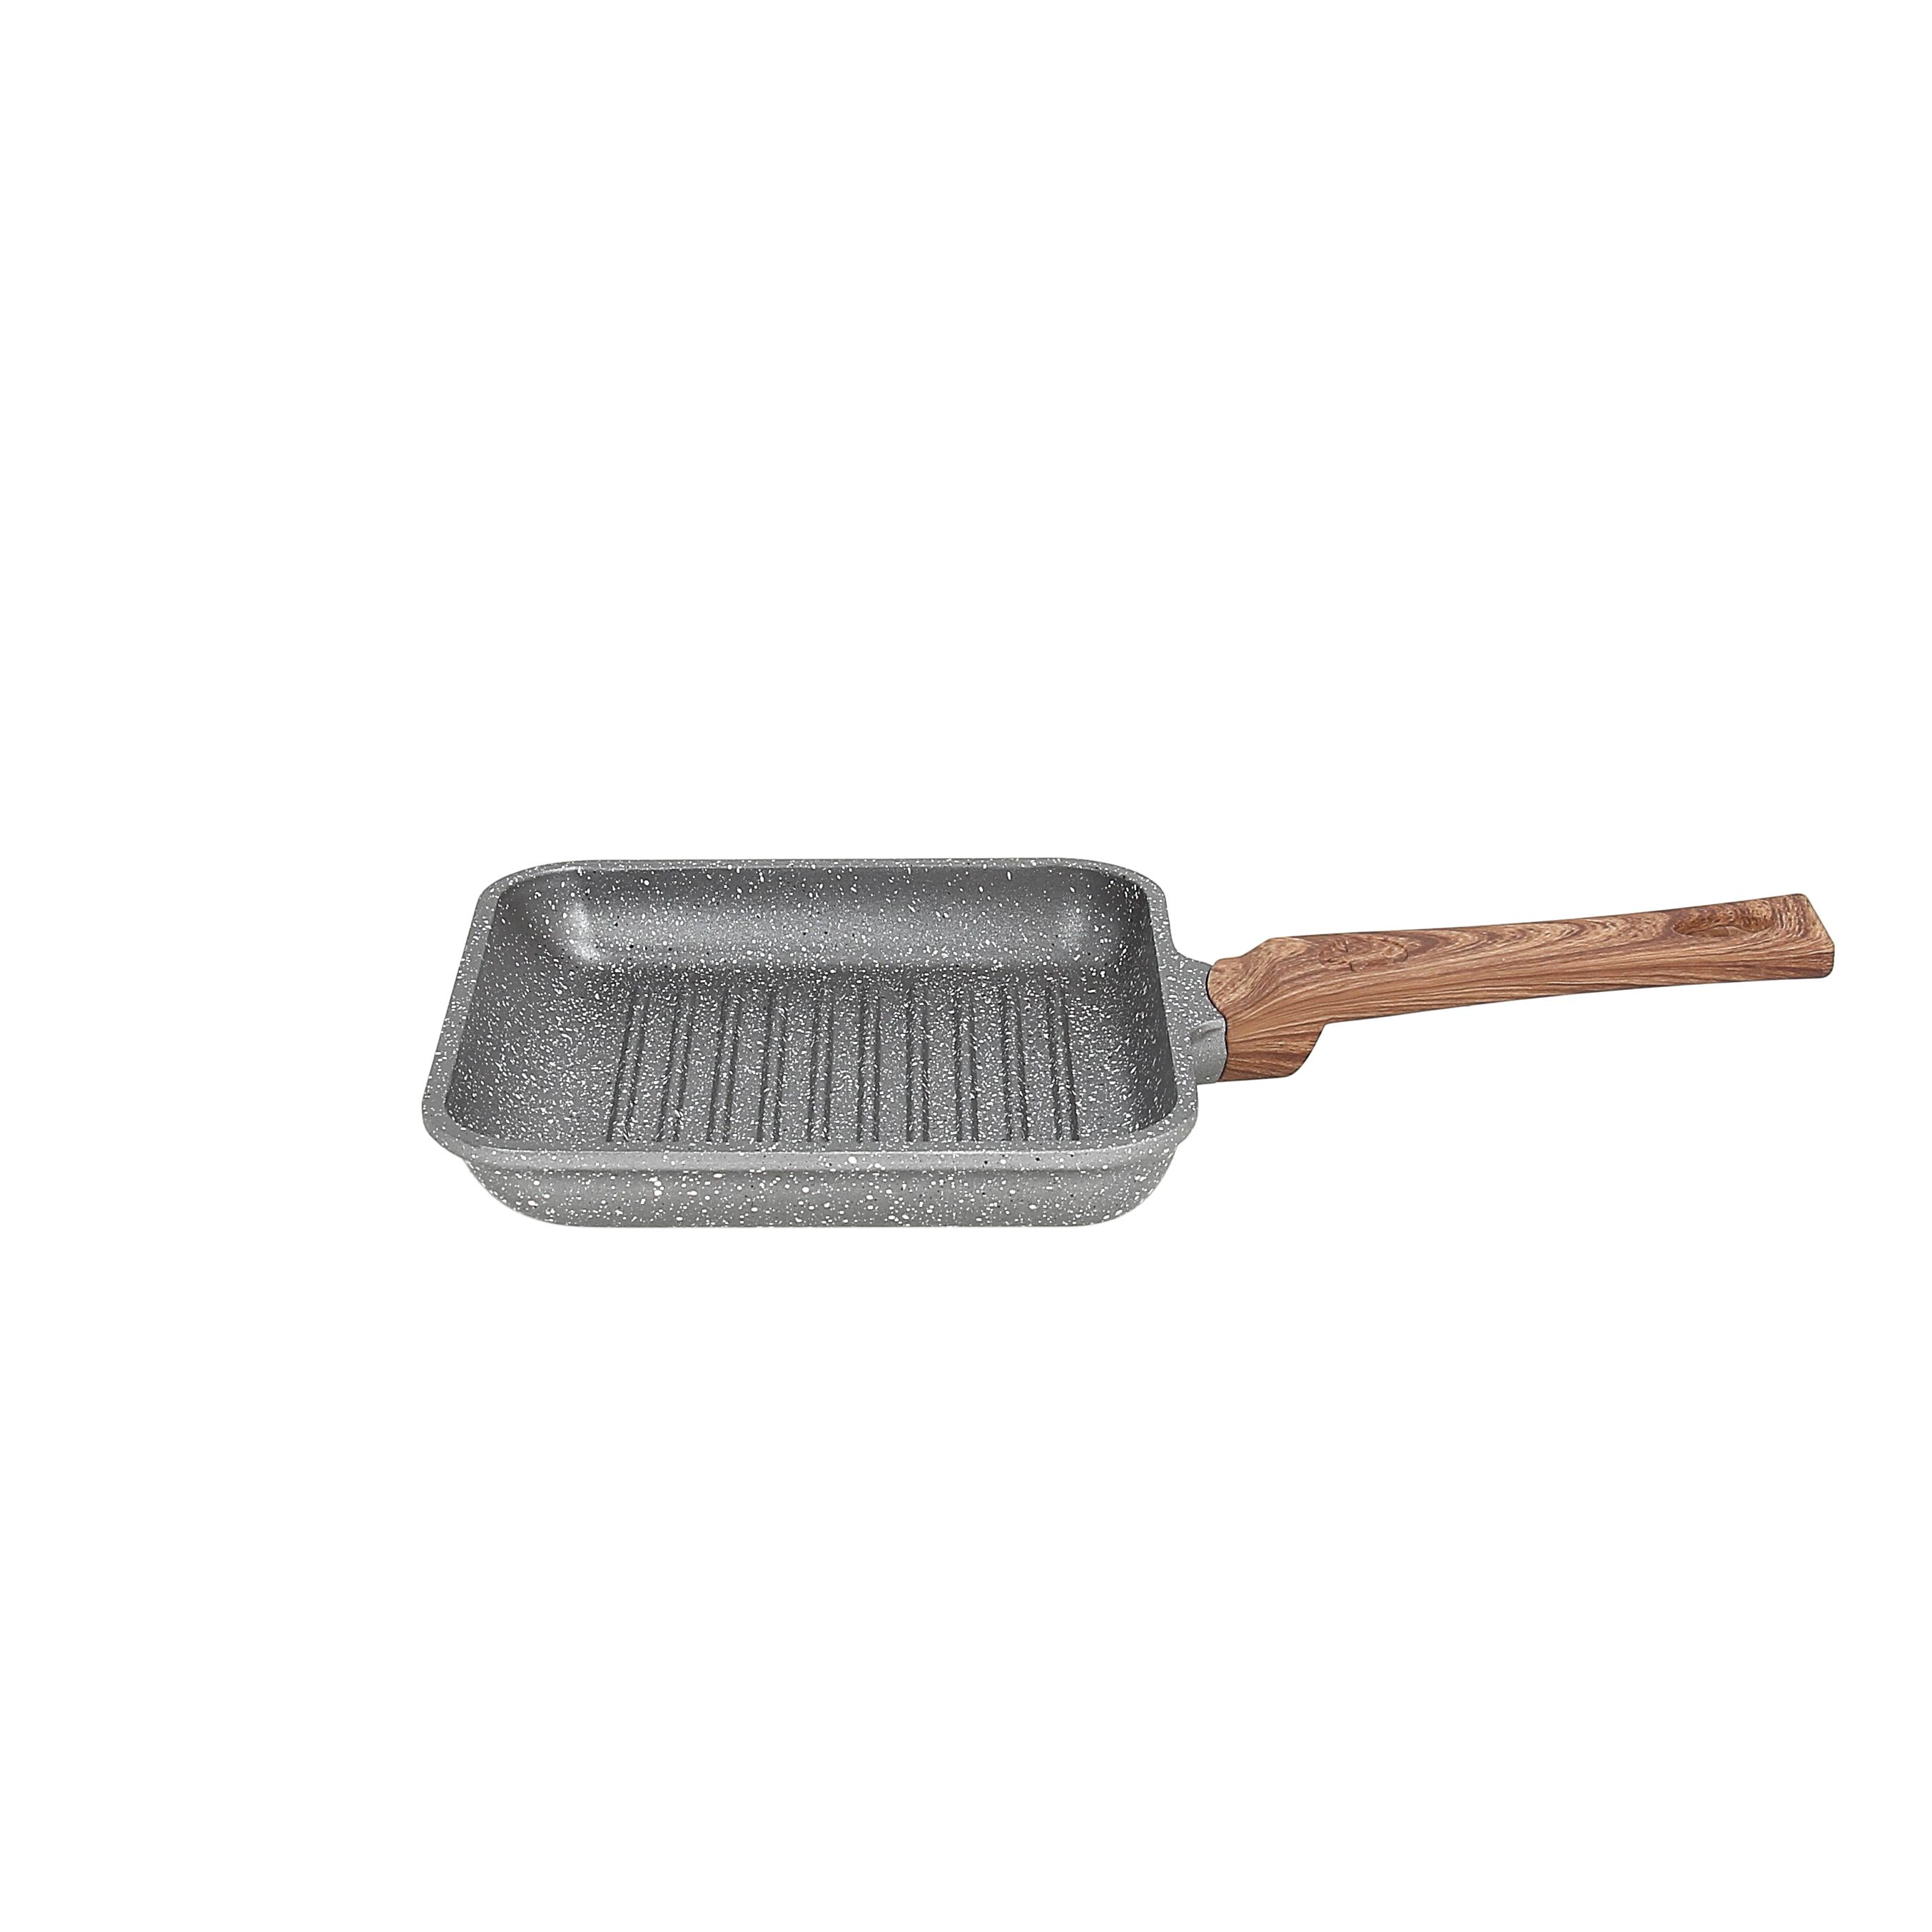 Сковорода-гриль порционная 14*14см STONE&amp;WOODСковорода-гриль порционная Стон Вуд - кухонный прибор, который будет незаменим в приготовлении различных блюд. Модель идеально подойдет для завтраков, обедов и ужинов на одну персону. Изделие подходит для подачи основных блюд, гарниров и горячих закусок. Сковорода - гриль, изготовленная из алюминия, отличается надежностью и прослужит владельцу не один год. Модель предотвращает прилипание блюд и повреждение поверхности во время мытья. Эргономичная рукоятка сковородки, выполненная из пластика, не нагревается, не скользит и удобно помещается в руке.<br>